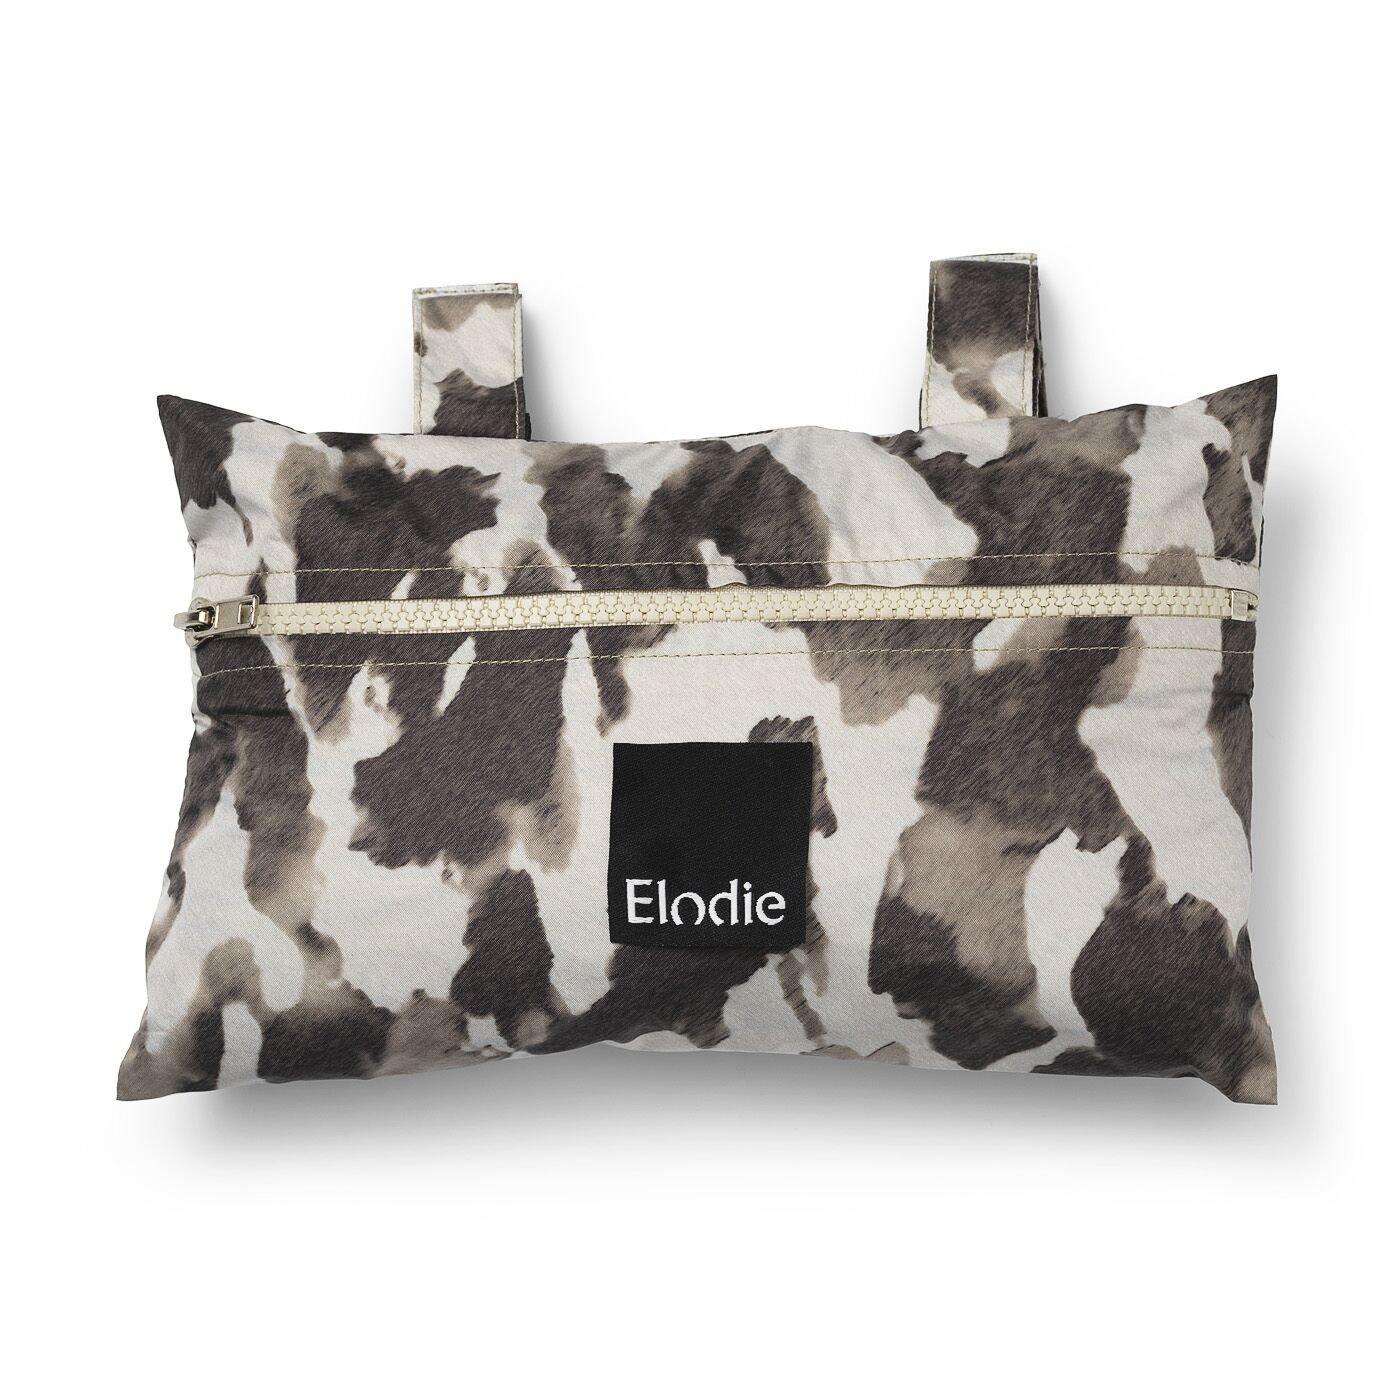 Elodie Details - Osłona przeciwdeszczowa - Wild Paris